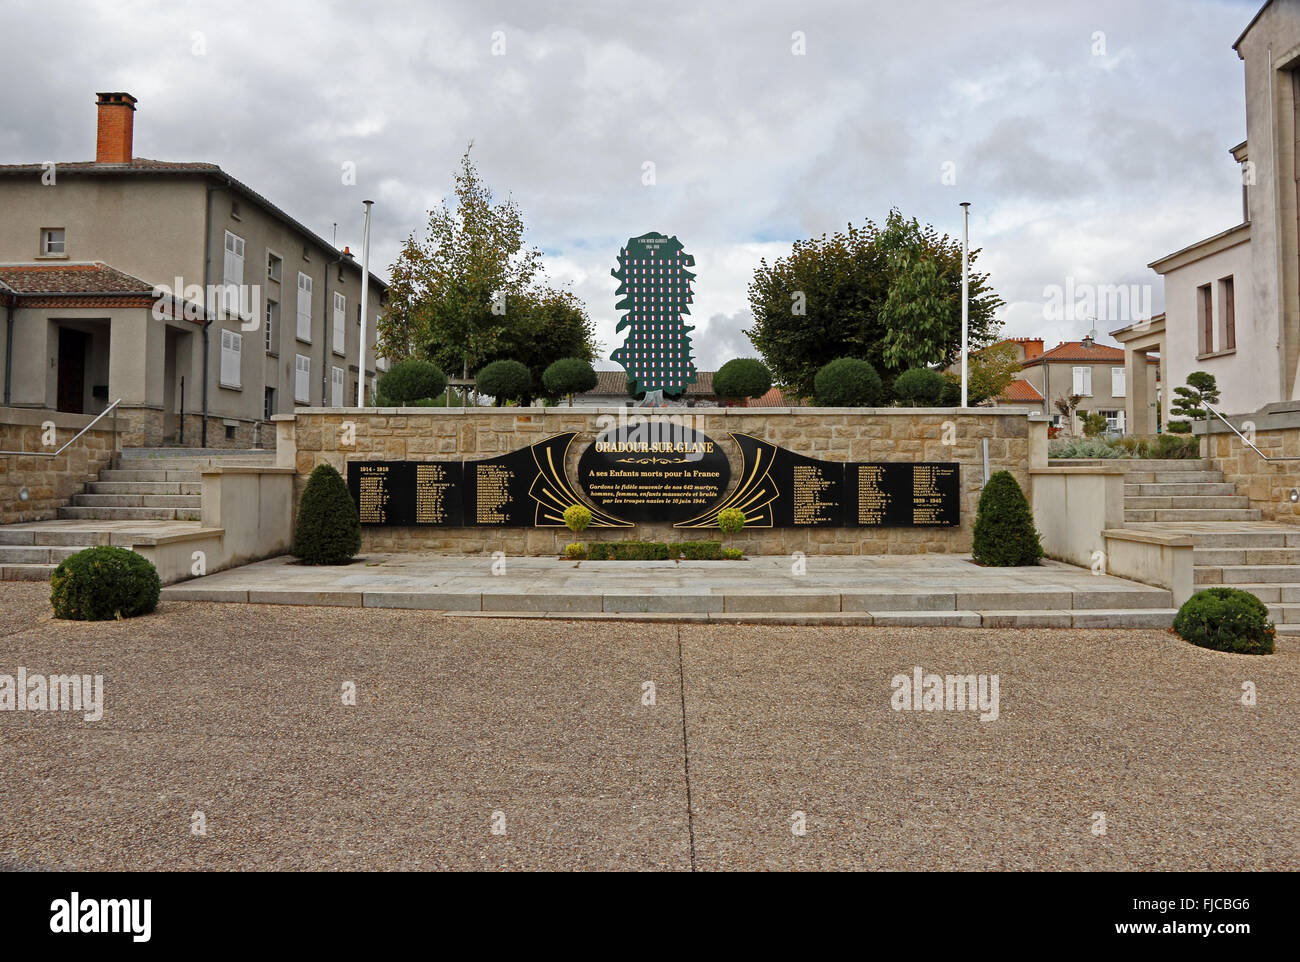 Denkmal für die 642 Menschen massakriert von den deutschen am 10. Juni 1944 in Oradour-Sur-Glane, Frankreich Stockbild